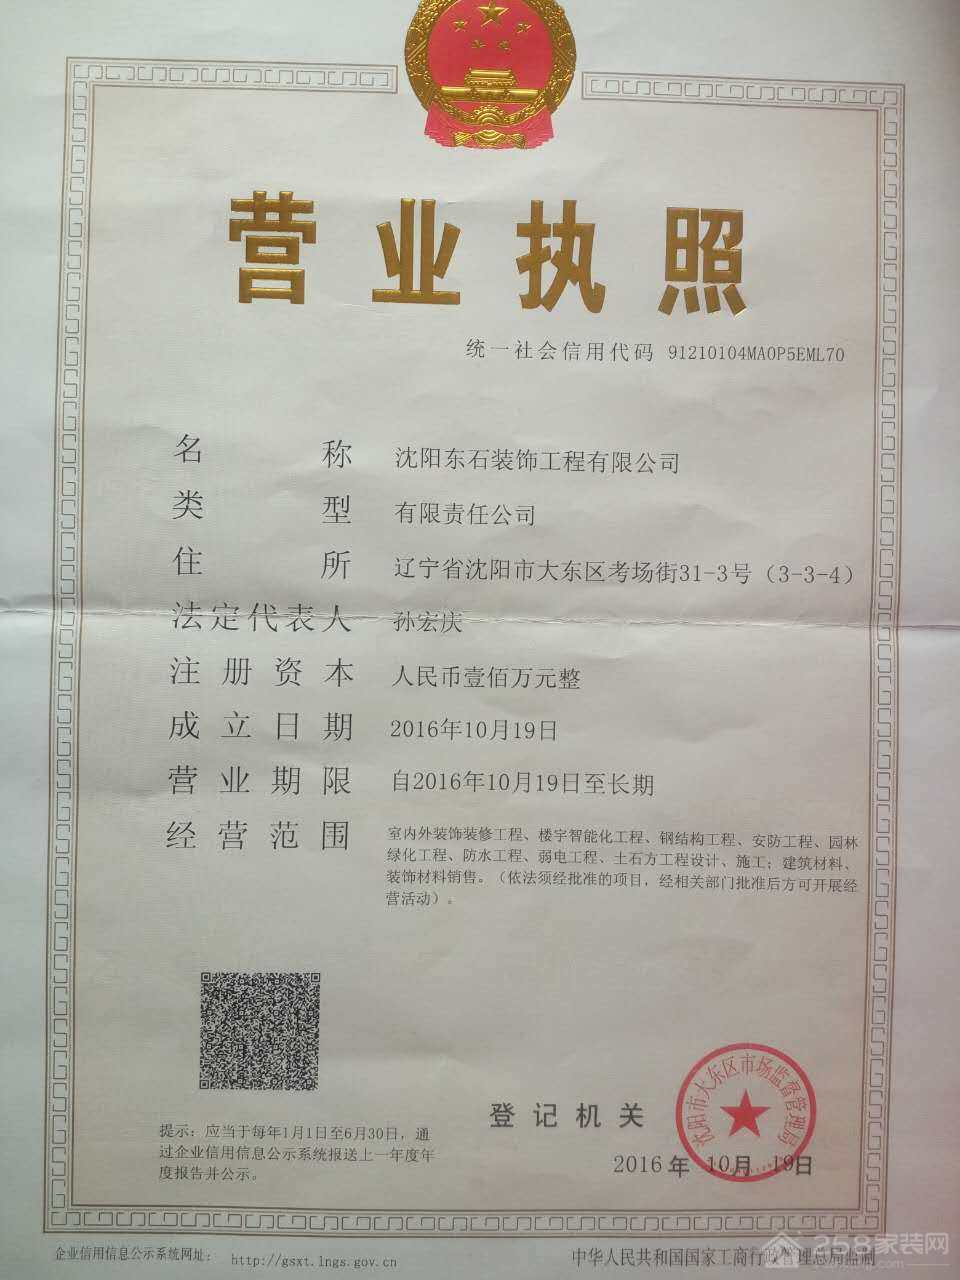 沈阳东石装饰工程有限公司